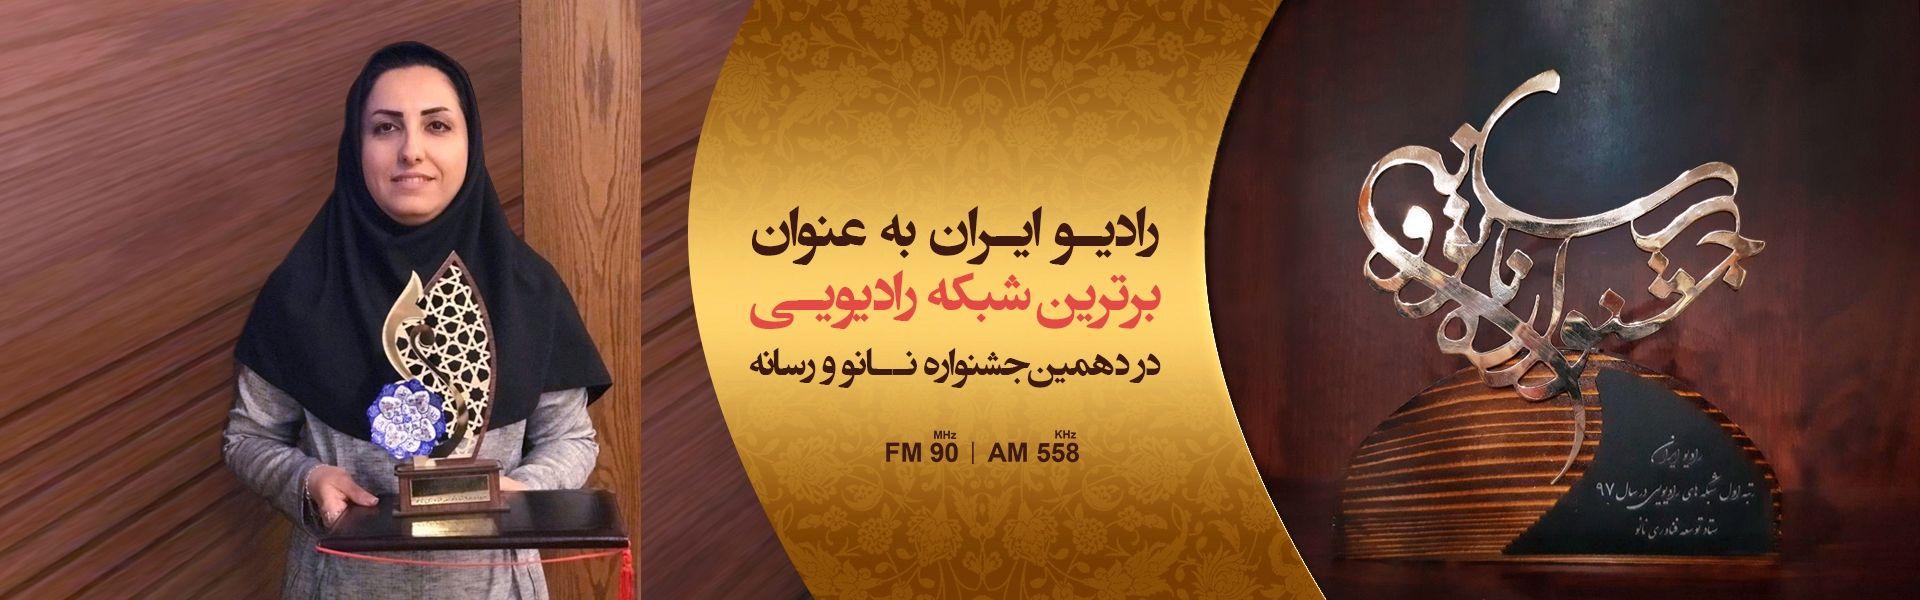 رادیو ایران به عنوان برترین شبکه رادیویی در دهمین جشنواره نانو و رسانه